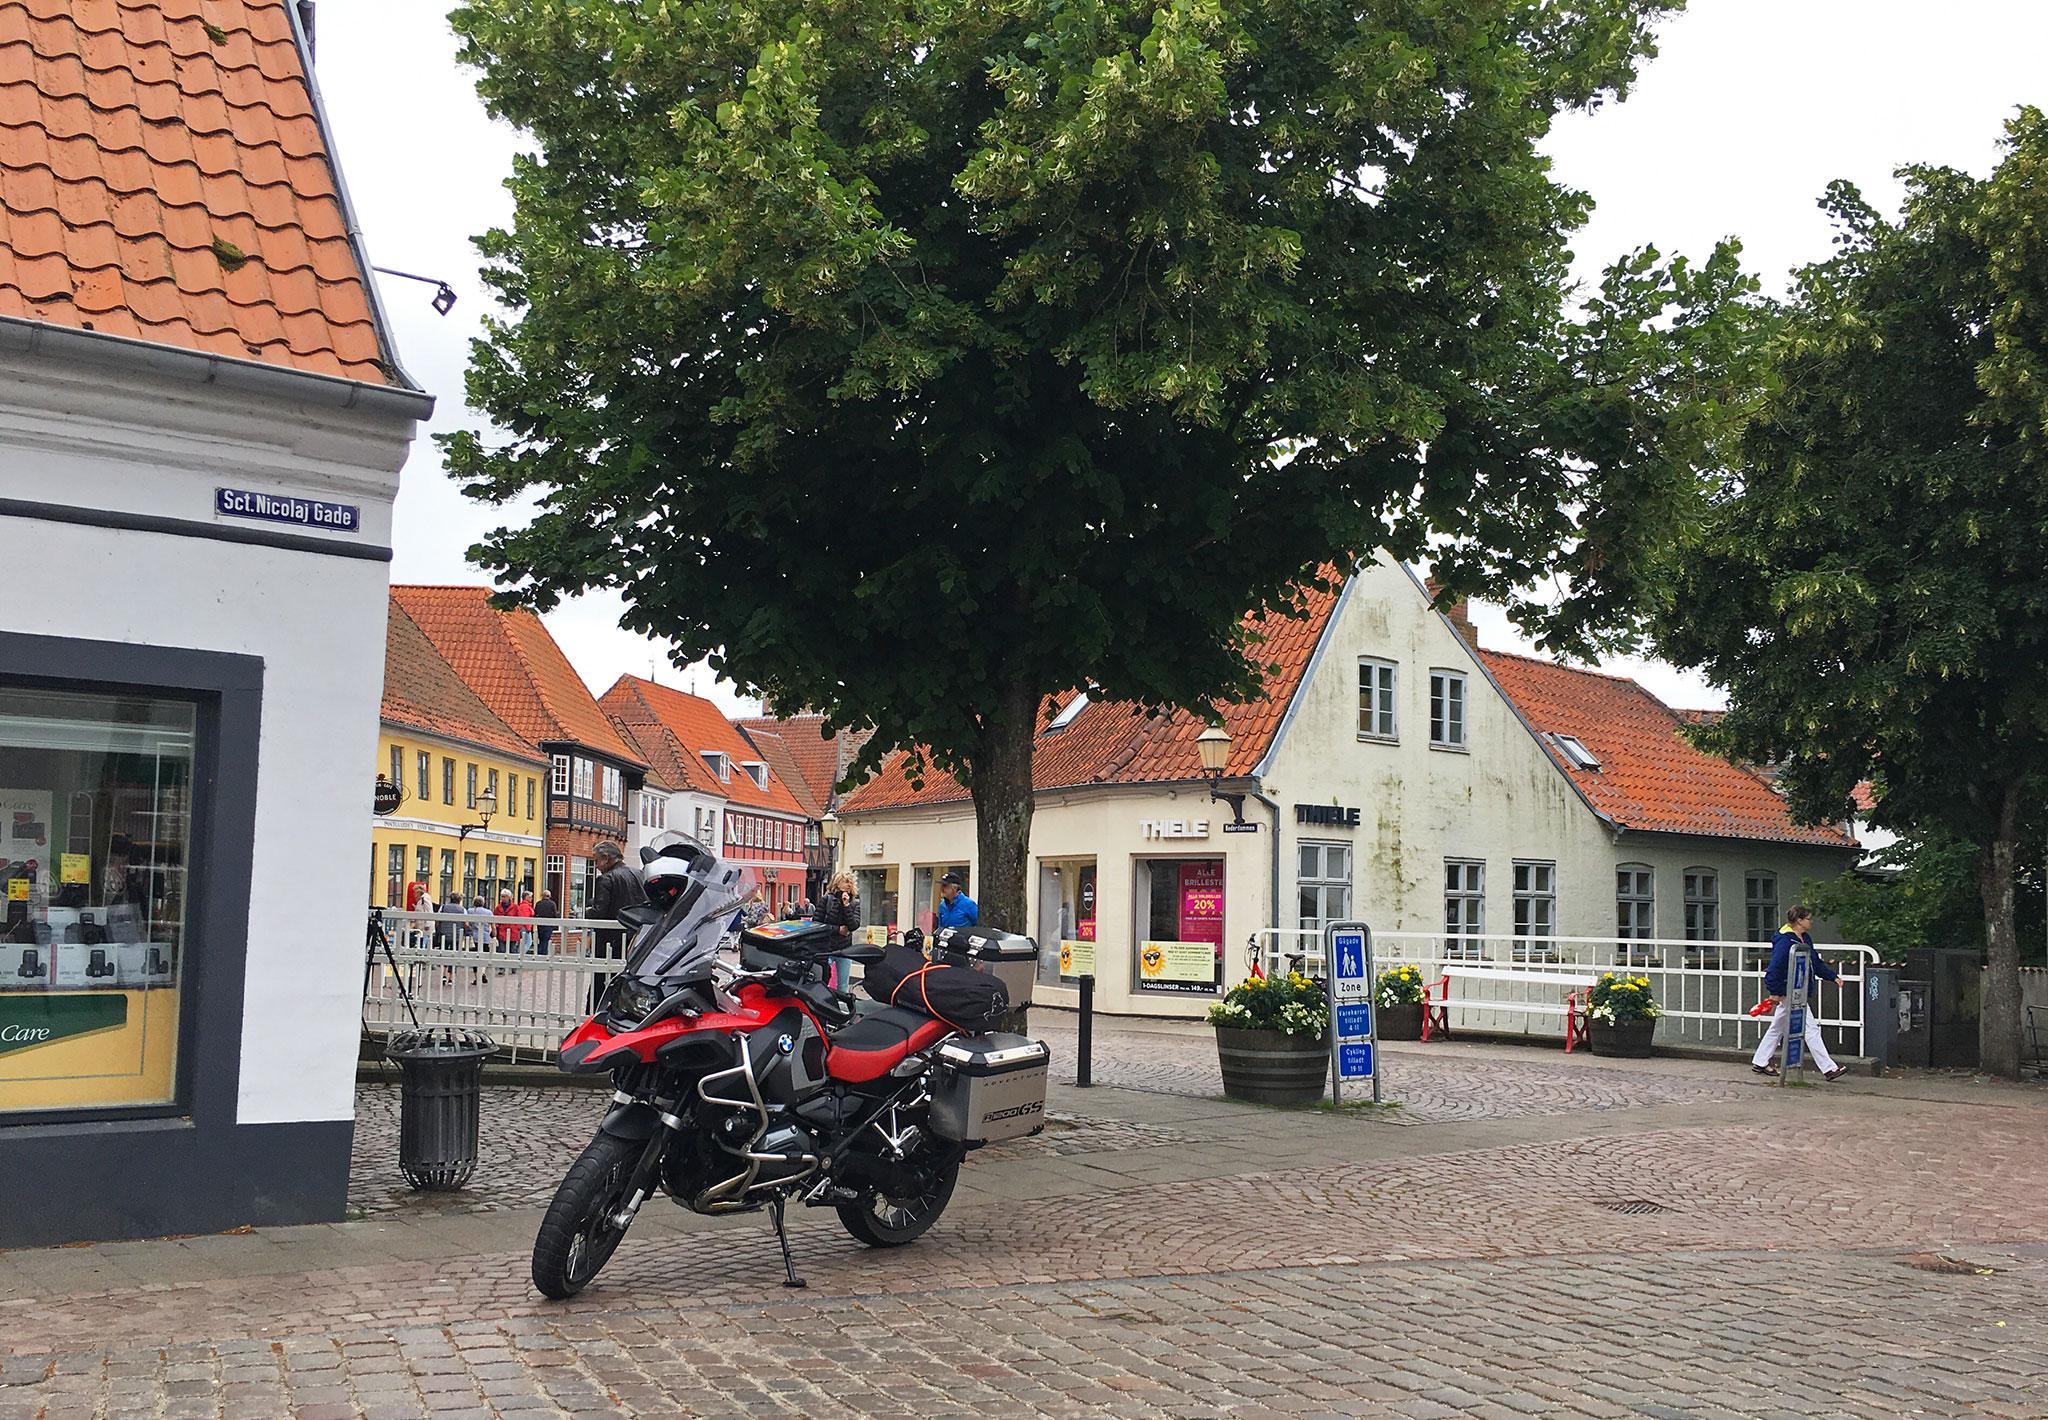 Ribe - Denmark